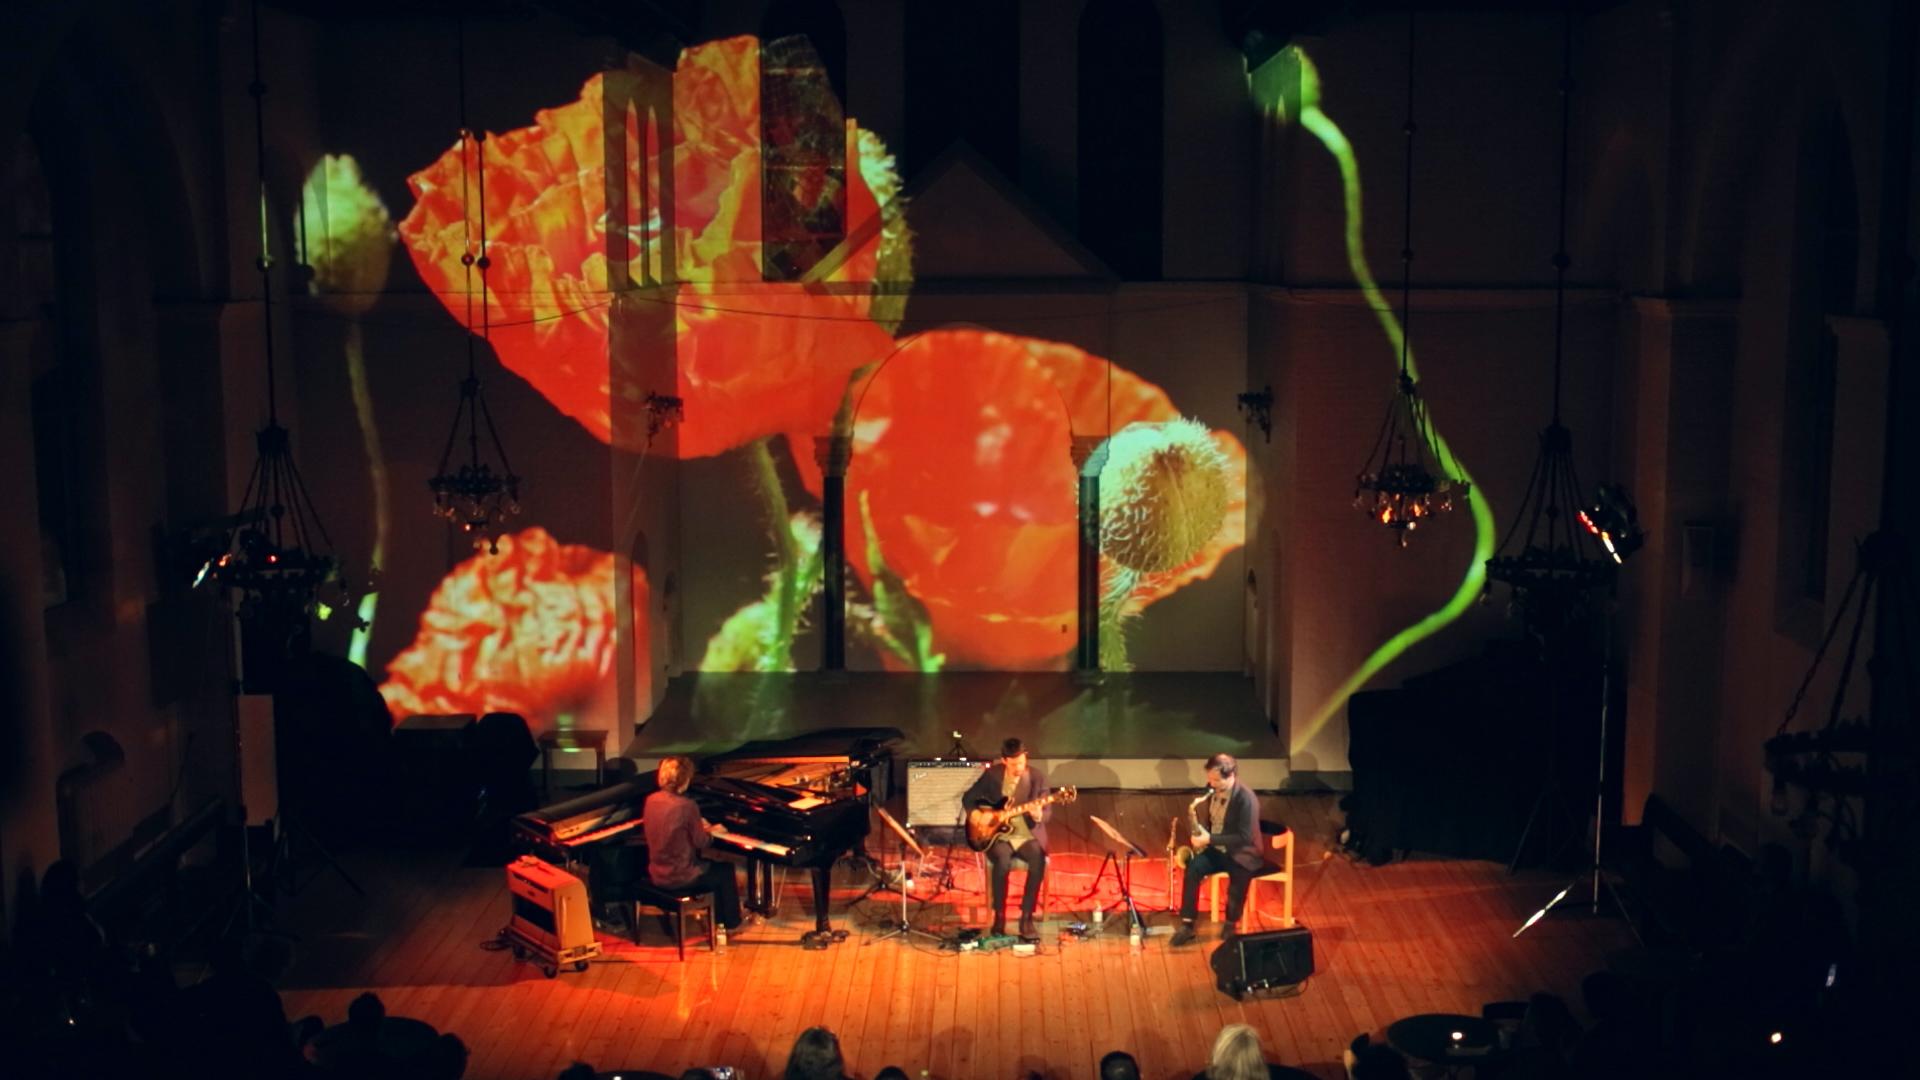 Concert3ElementswEvaKochConcert.00_01_07_16.Image fixe001